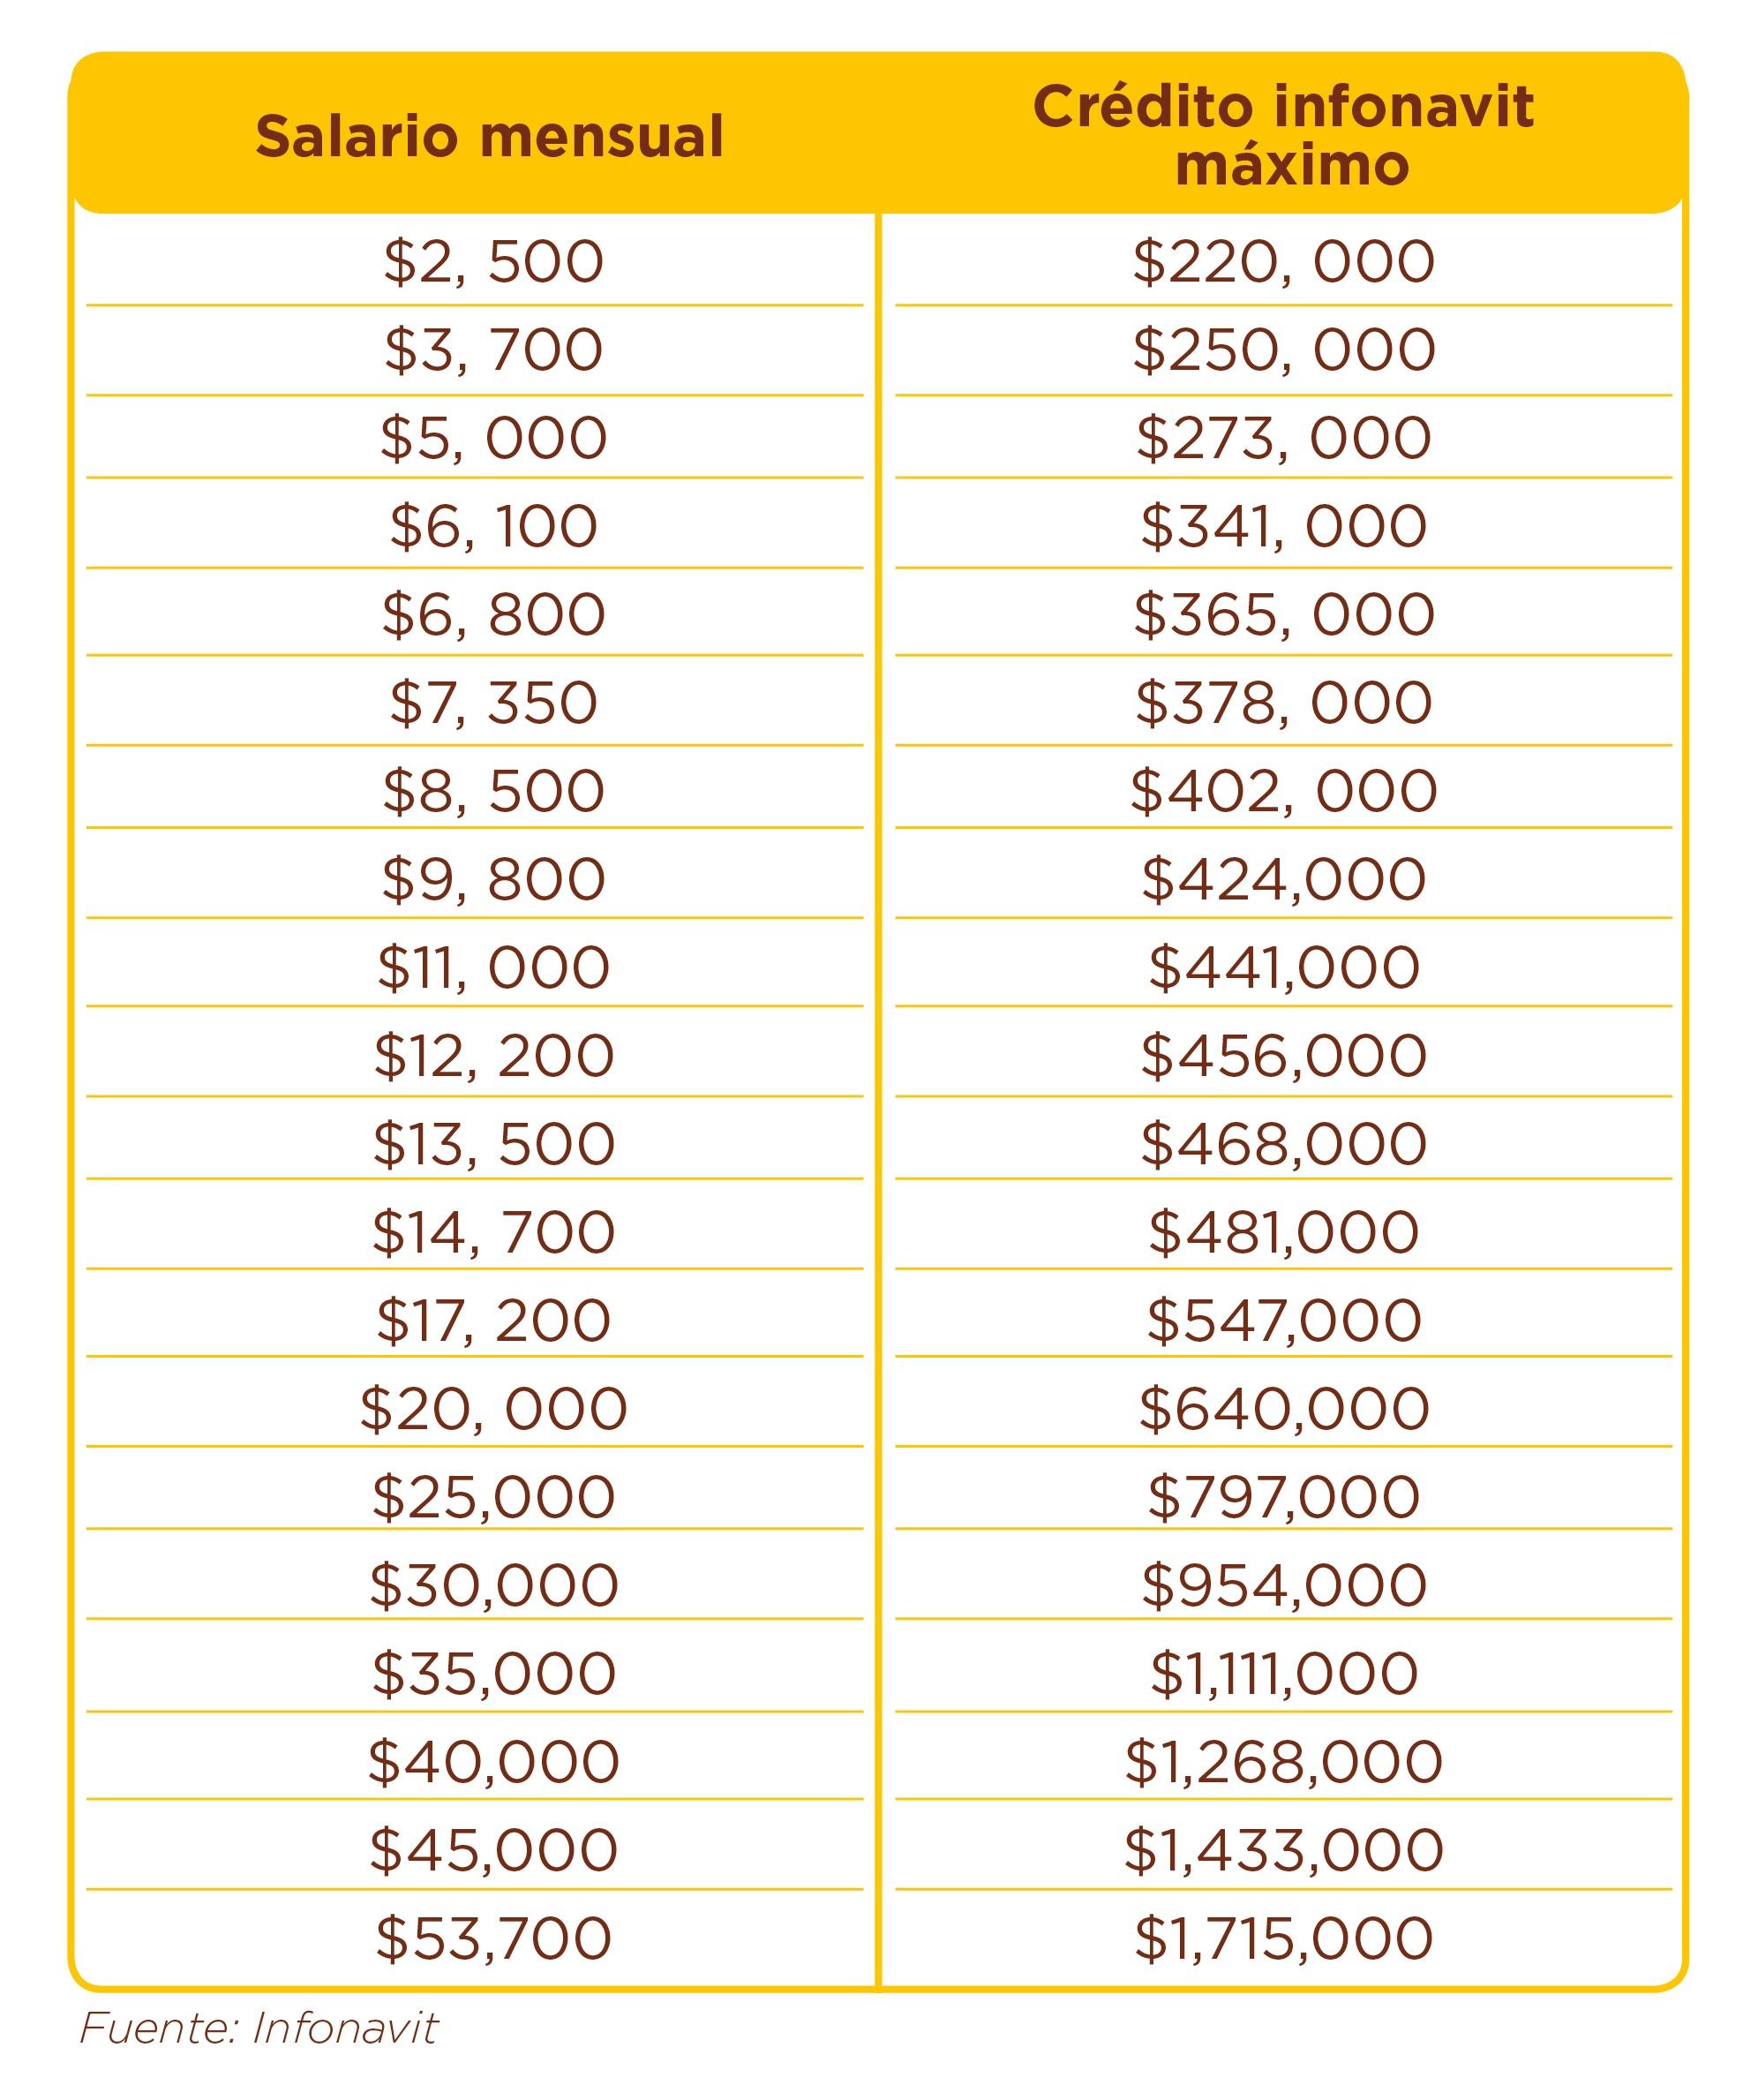 credito-Infonavit-tabla- salario-mensua-credito-maximo